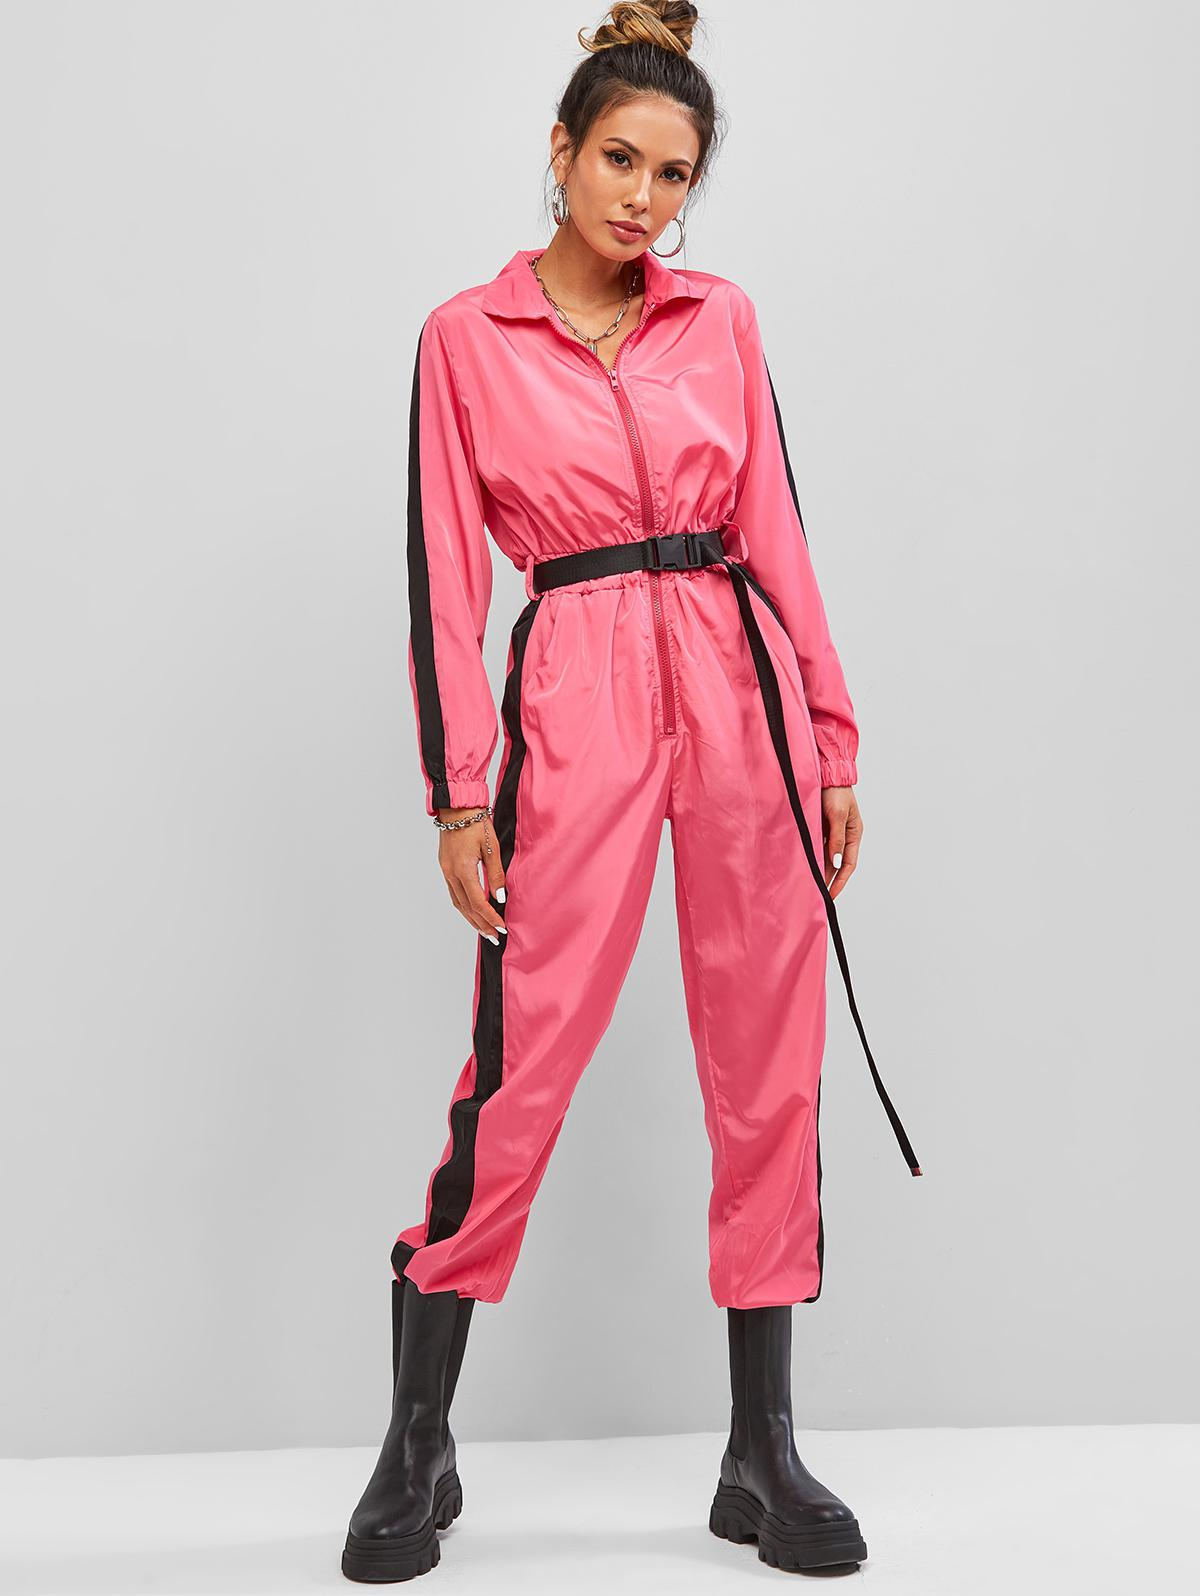 Contrast Half Zip Buckle Belted Coveralls Jumpsuit